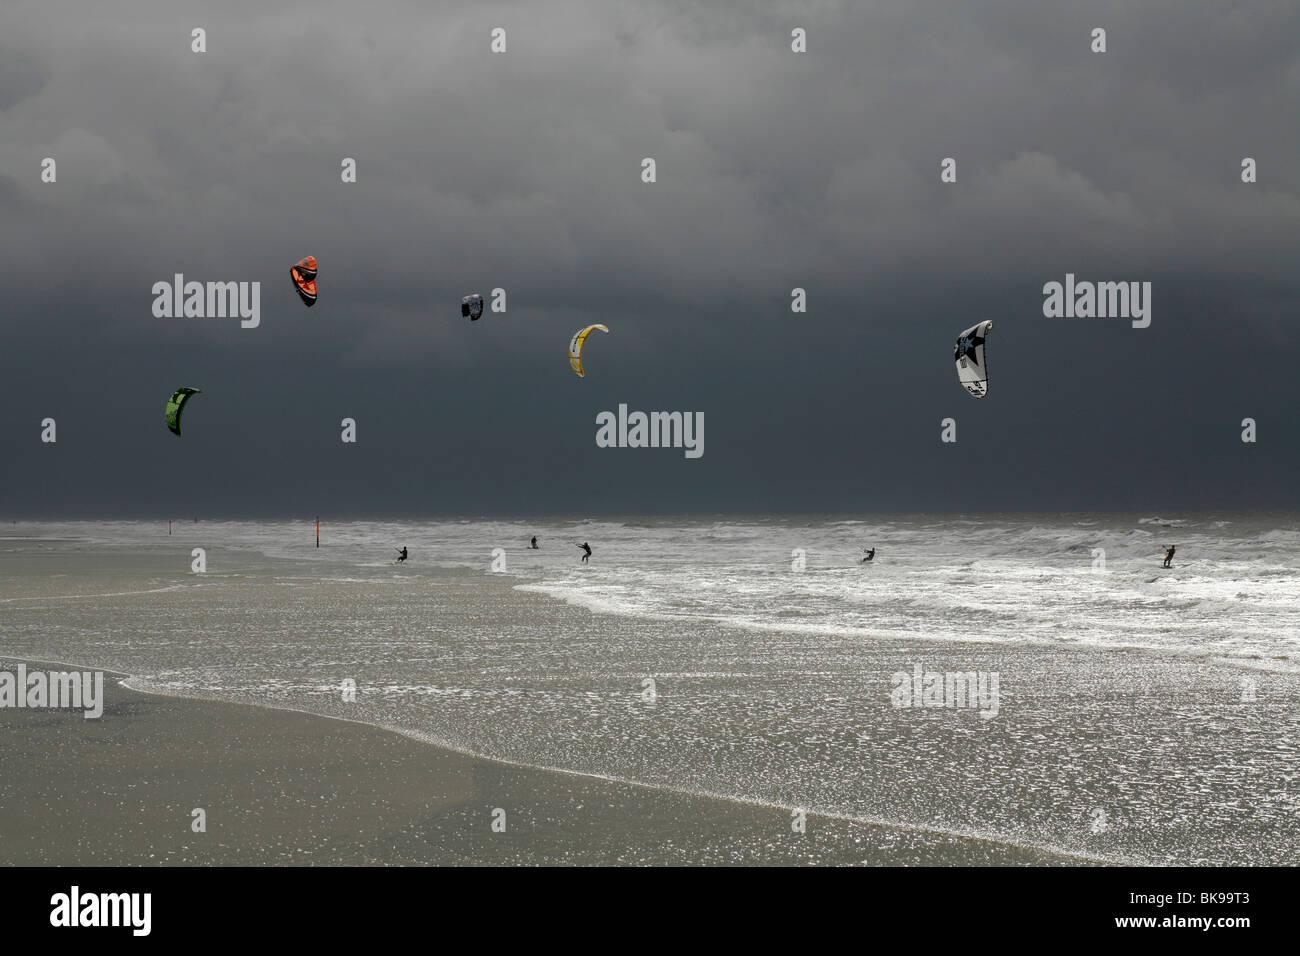 Kitesurfen bei einem Sturm auf der Nordsee, St. Peter-Ording, Schleswig-Holstein, Deutschland, Europa Stockbild